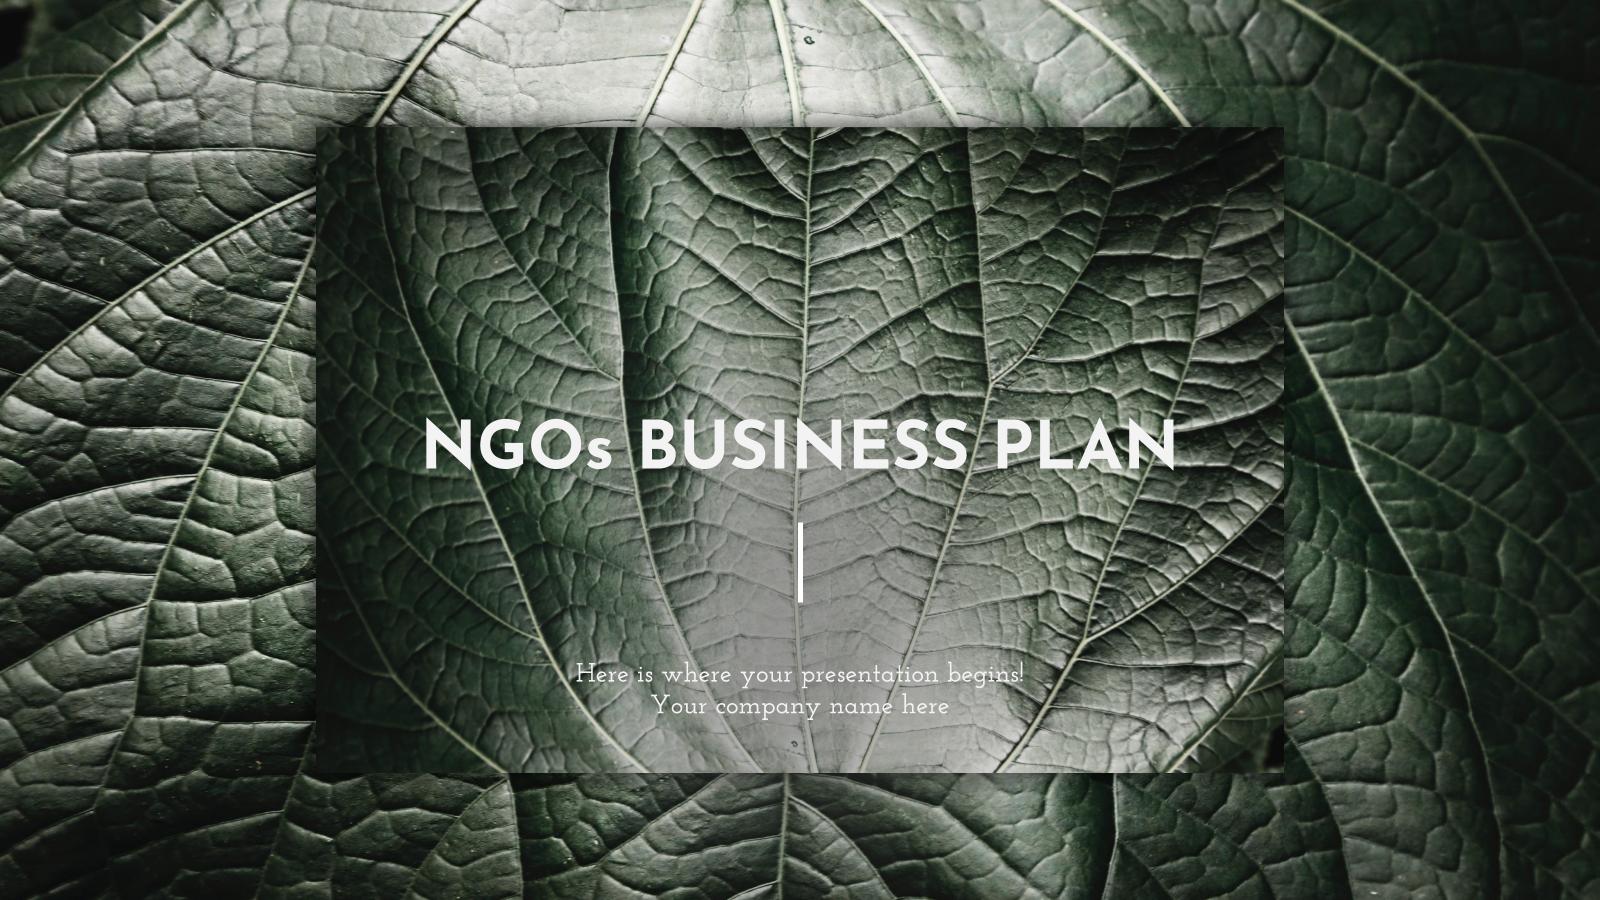 Business plan d'ONG : Modèles de présentation